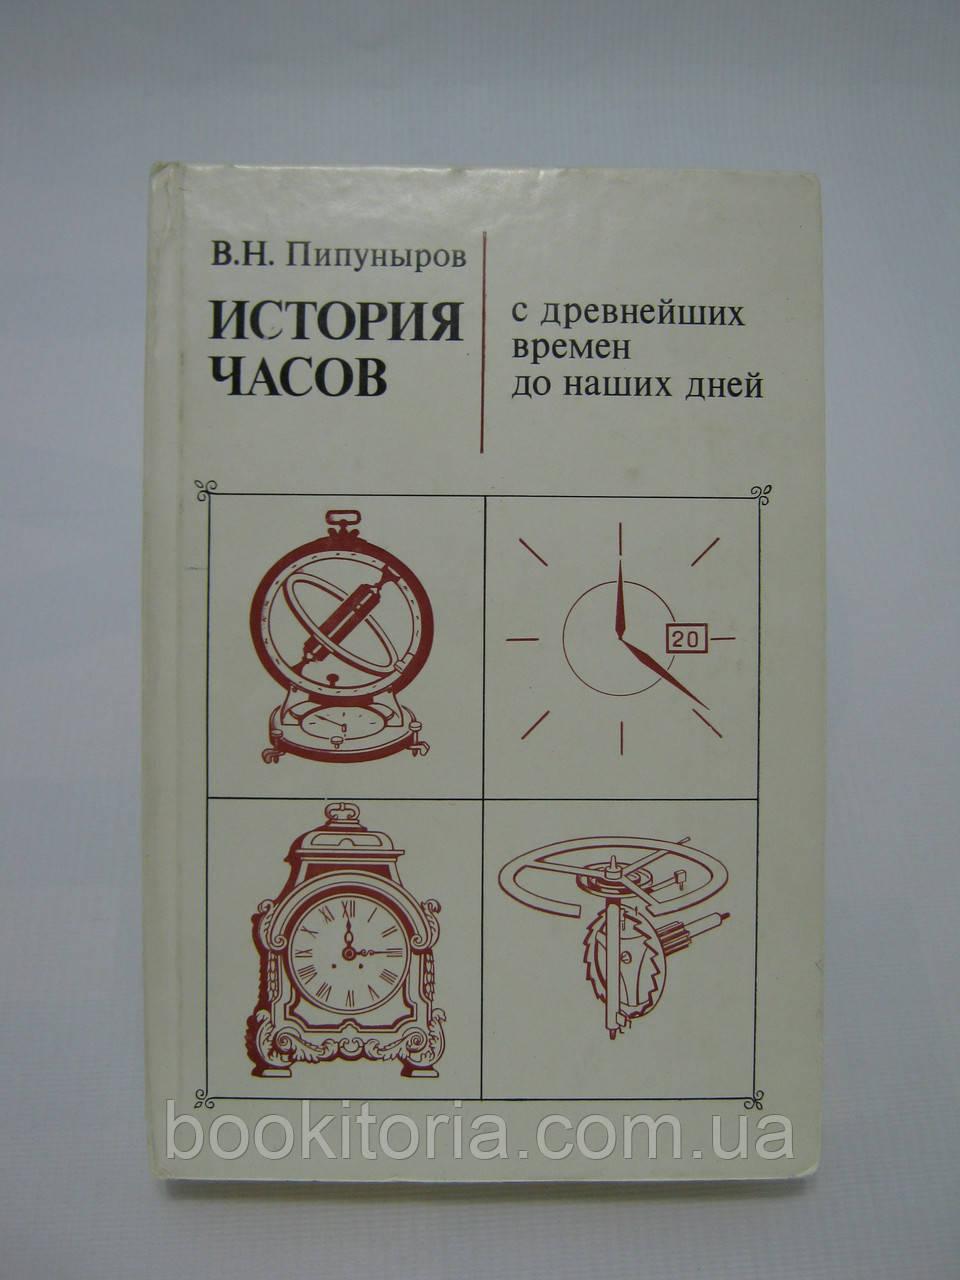 Пипуныров В.Н. История часов с древнейших времен до наших дней (б/у).